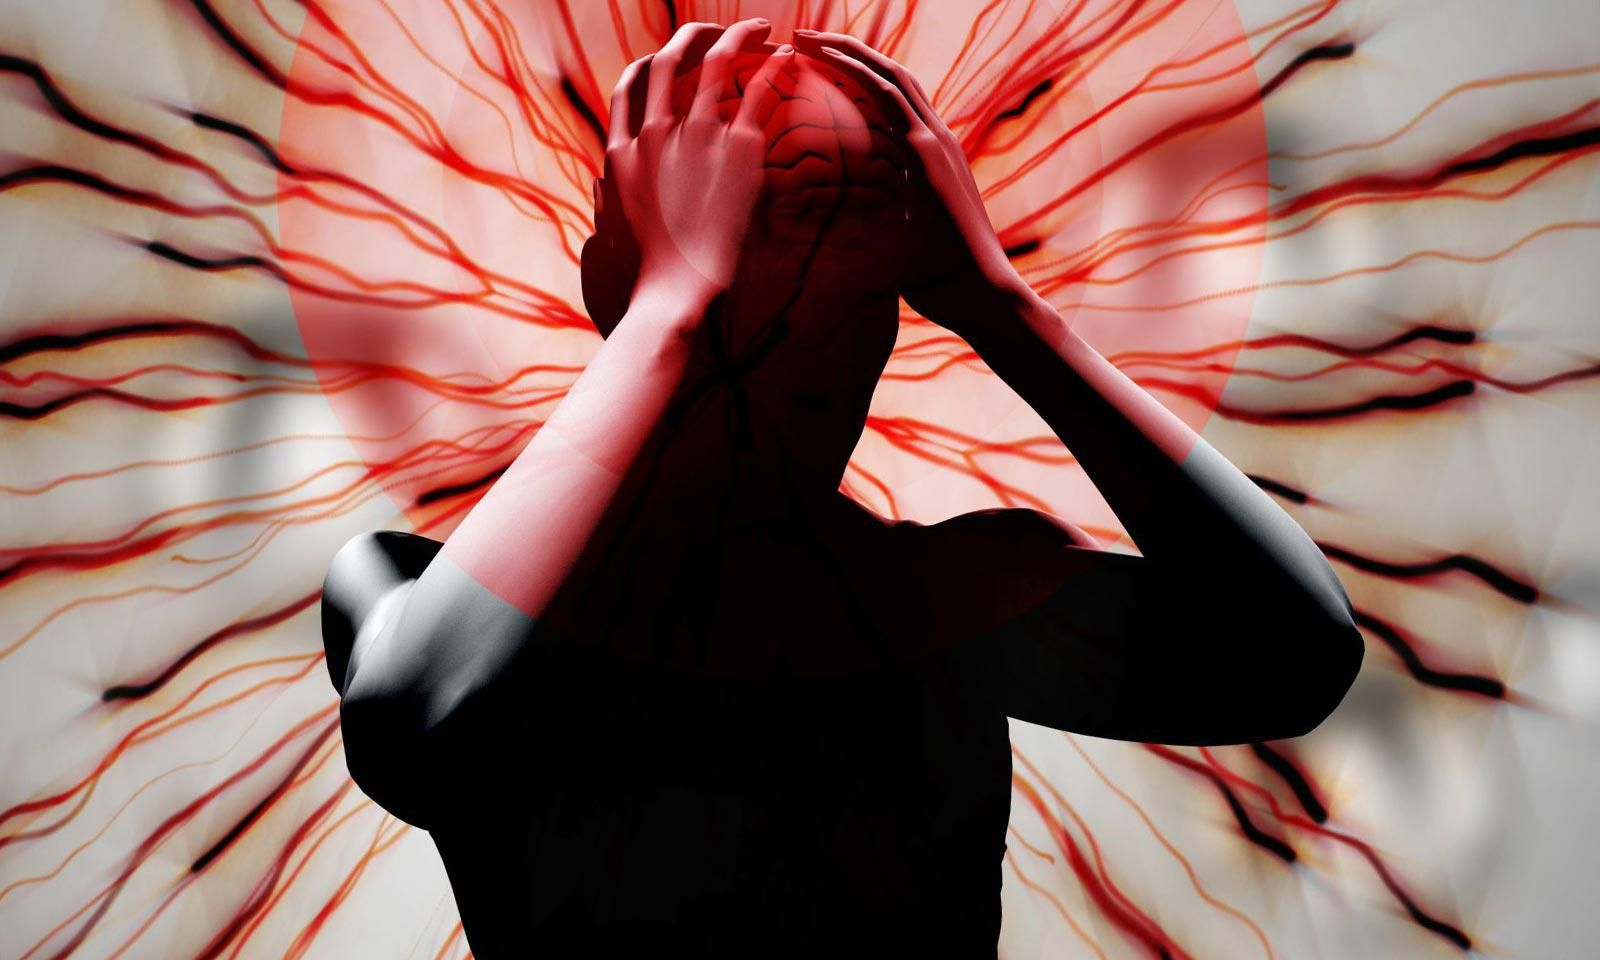 Психоз. причины, виды, проявления, лечение патологии.